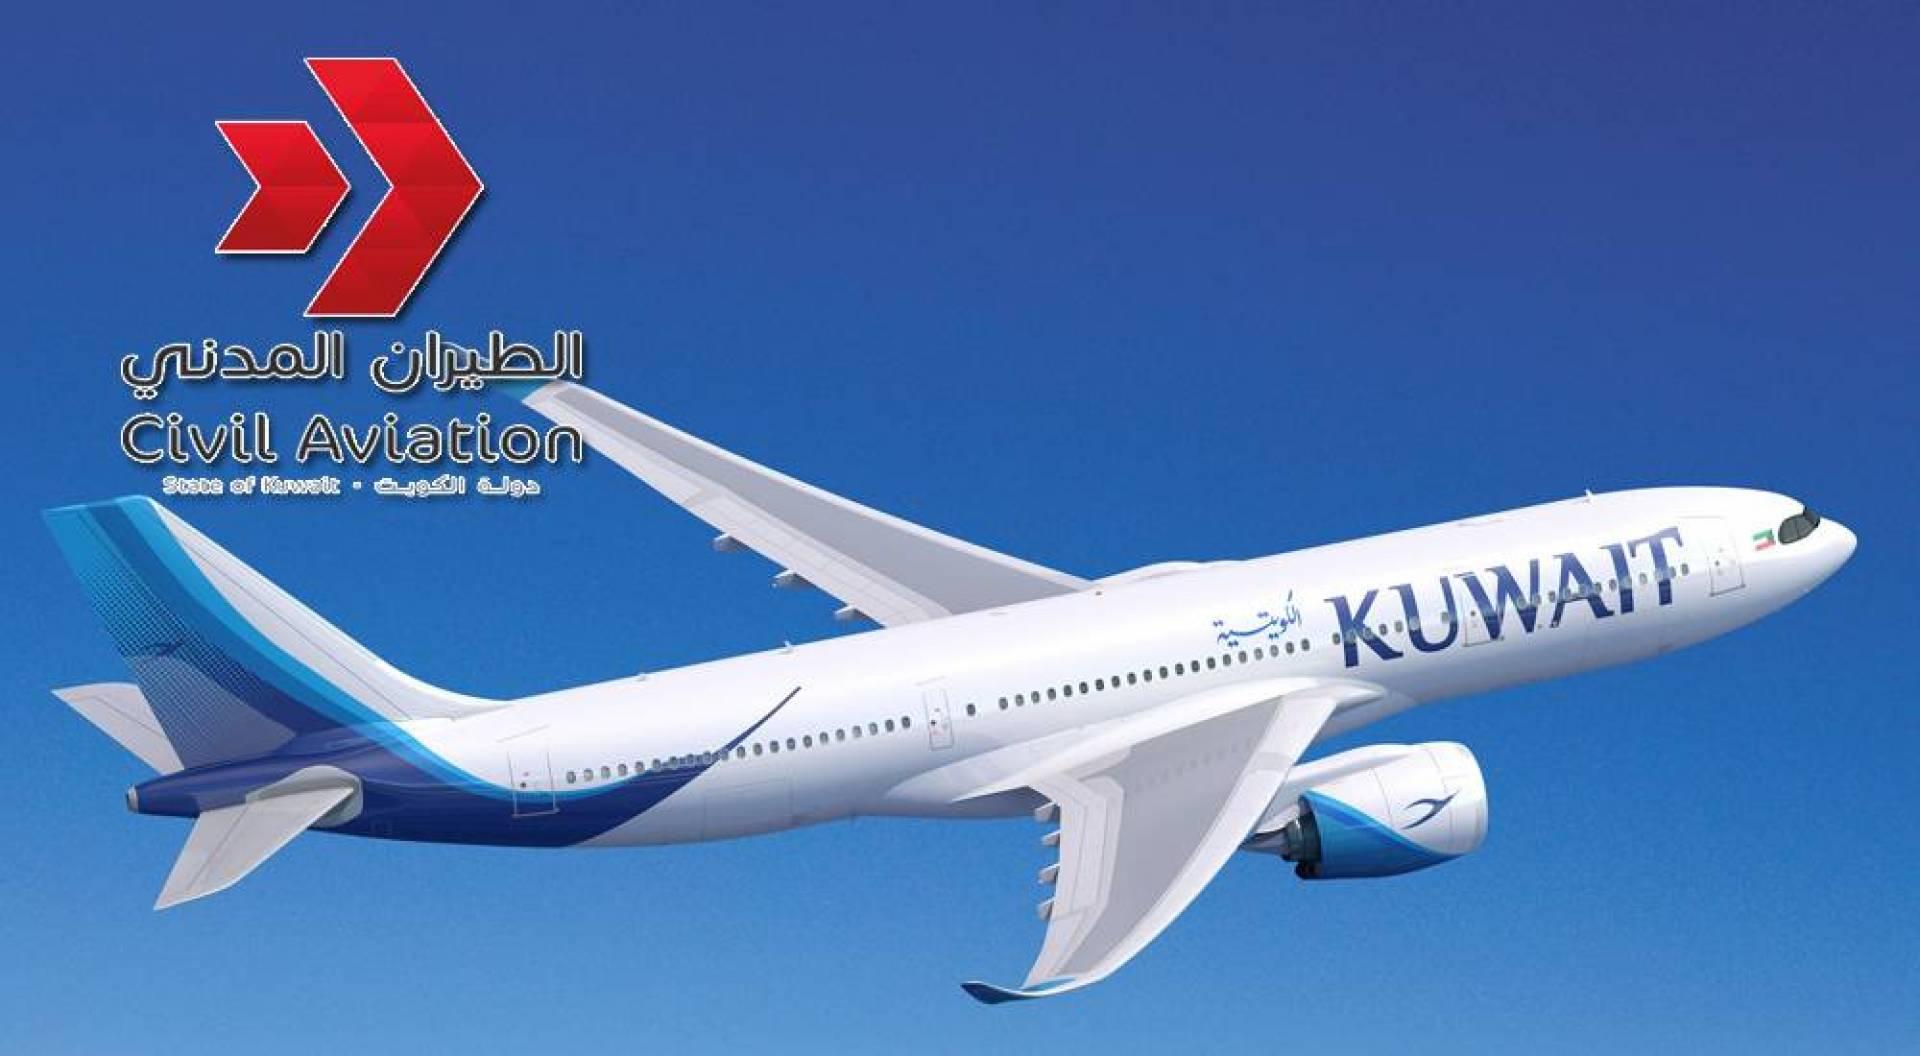 «الطيران المدني»: تسيير 3 رحلات غداً الجمعة لعودة الكويتيين من «ملقا-برشلونة» ولندن وروما